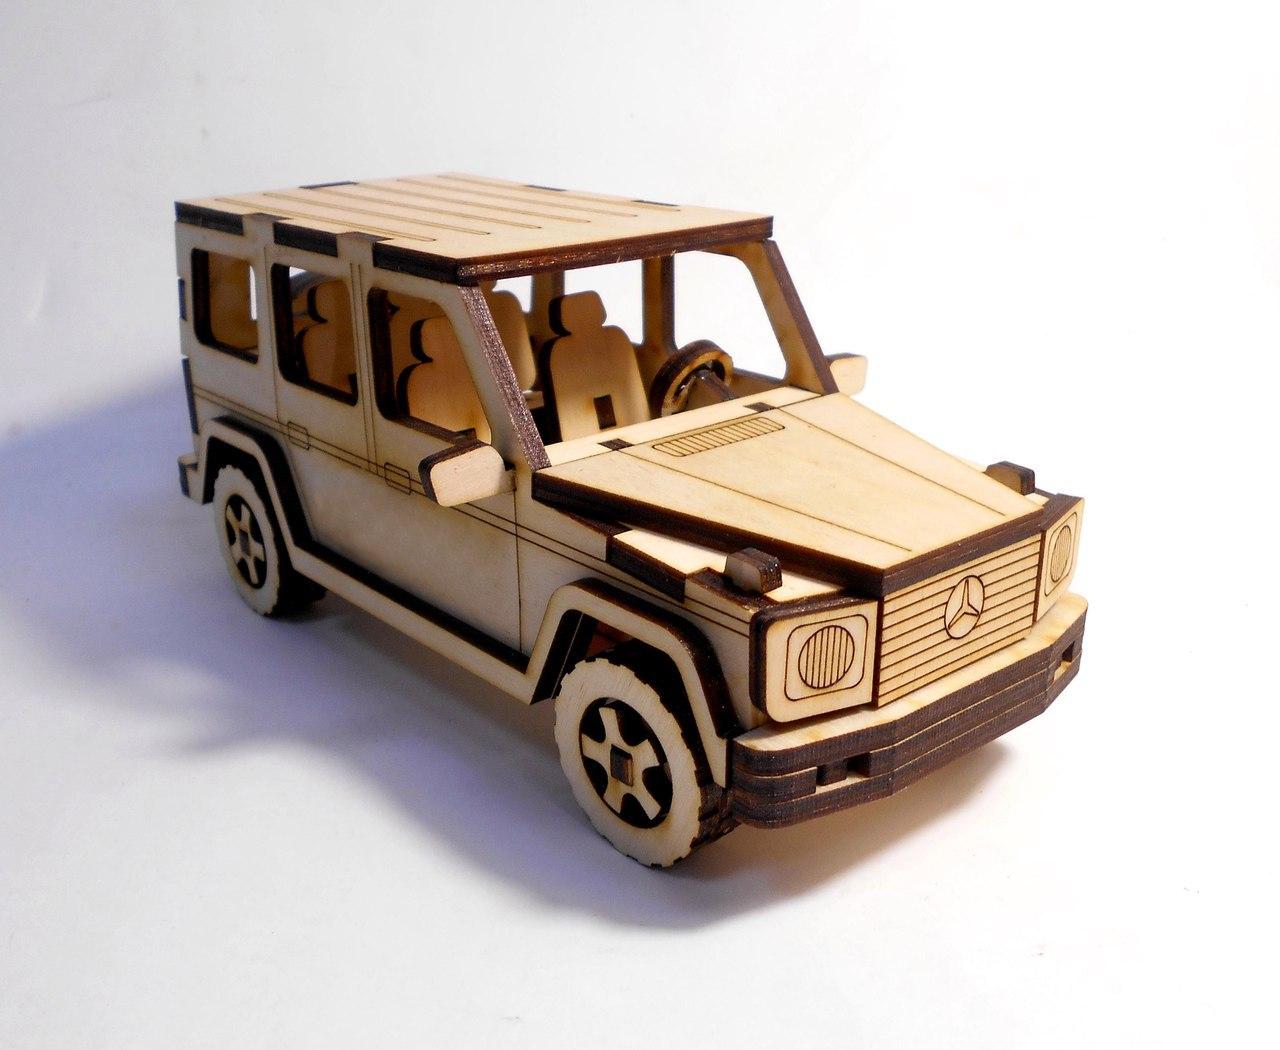 mercedes-benz g-class 3d Puzzle Wooden Free CDR Vectors Art